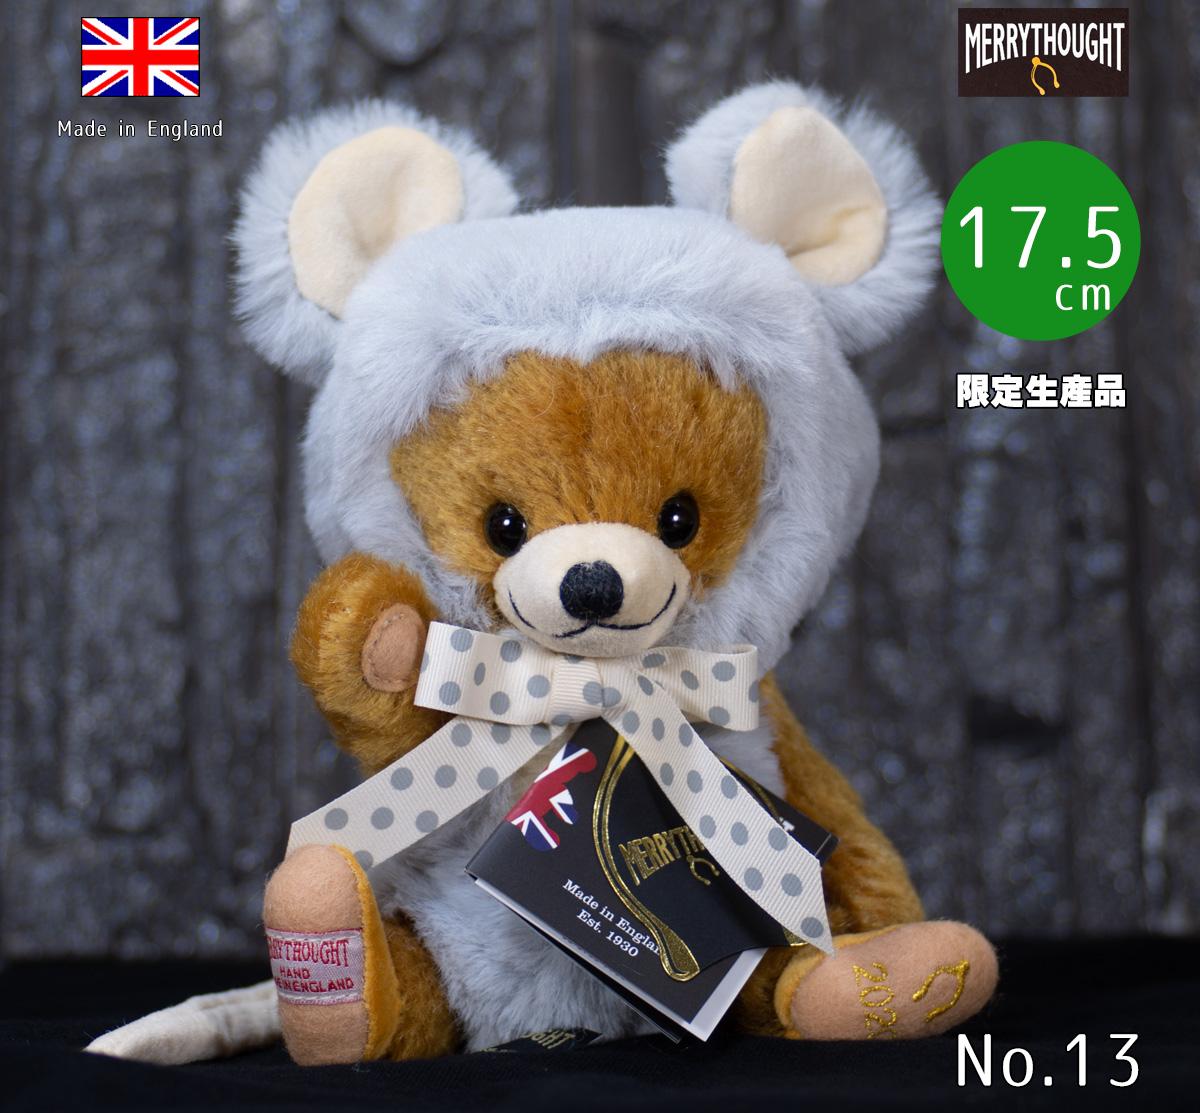 2019年日本限定干支 パンキー マウス ねずみ 子 ぬいぐるみ テディベア プレゼント クリスマス